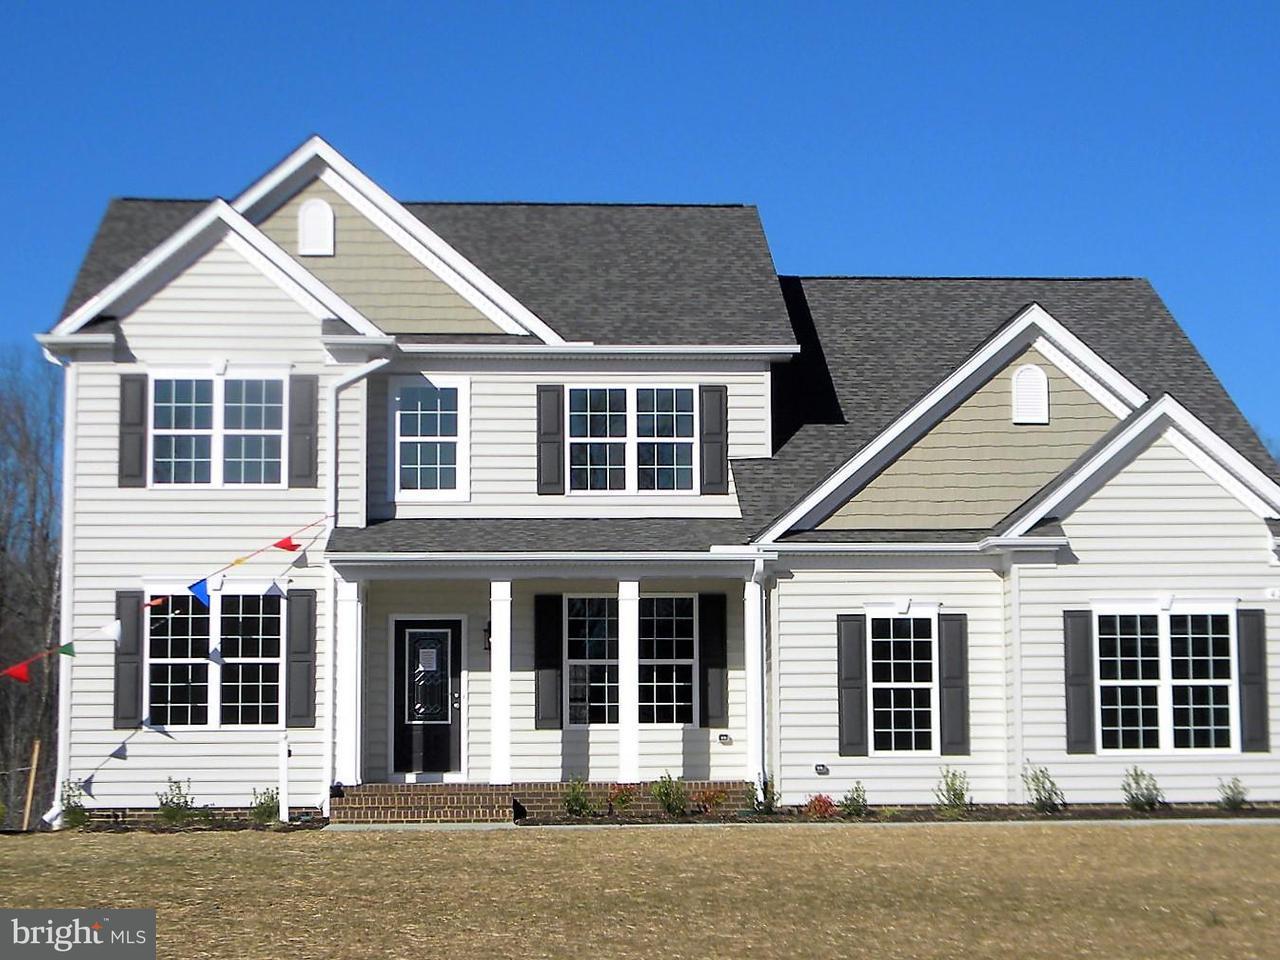 一戸建て のために 売買 アット 4270 Barberry Drive 4270 Barberry Drive Huntingtown, メリーランド 20639 アメリカ合衆国